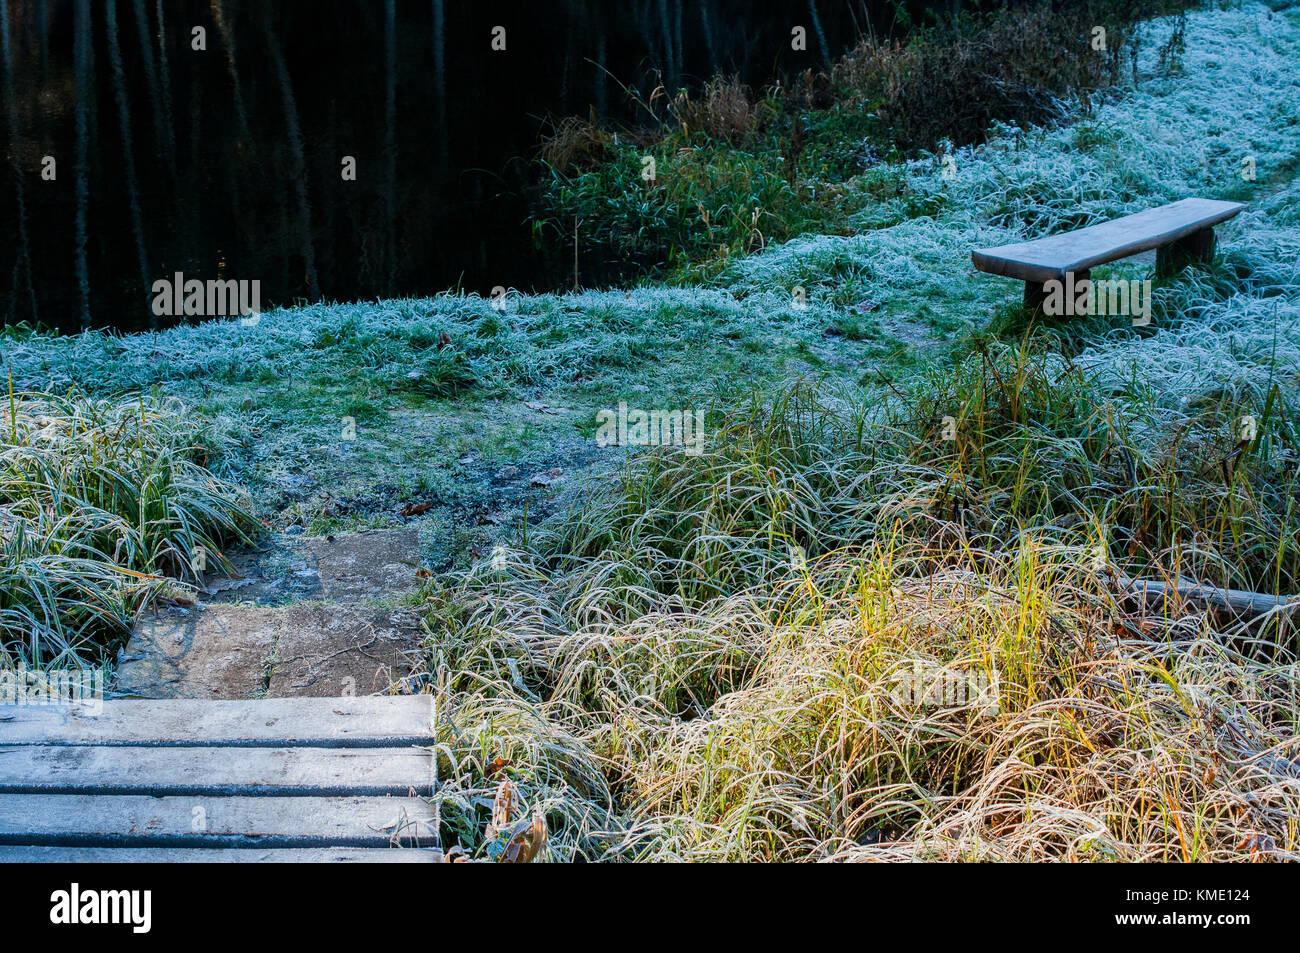 Chemin de la rivière. Banc à proximité de la rive. Lumière chaude et fraîche ombre. Scène Photo Stock